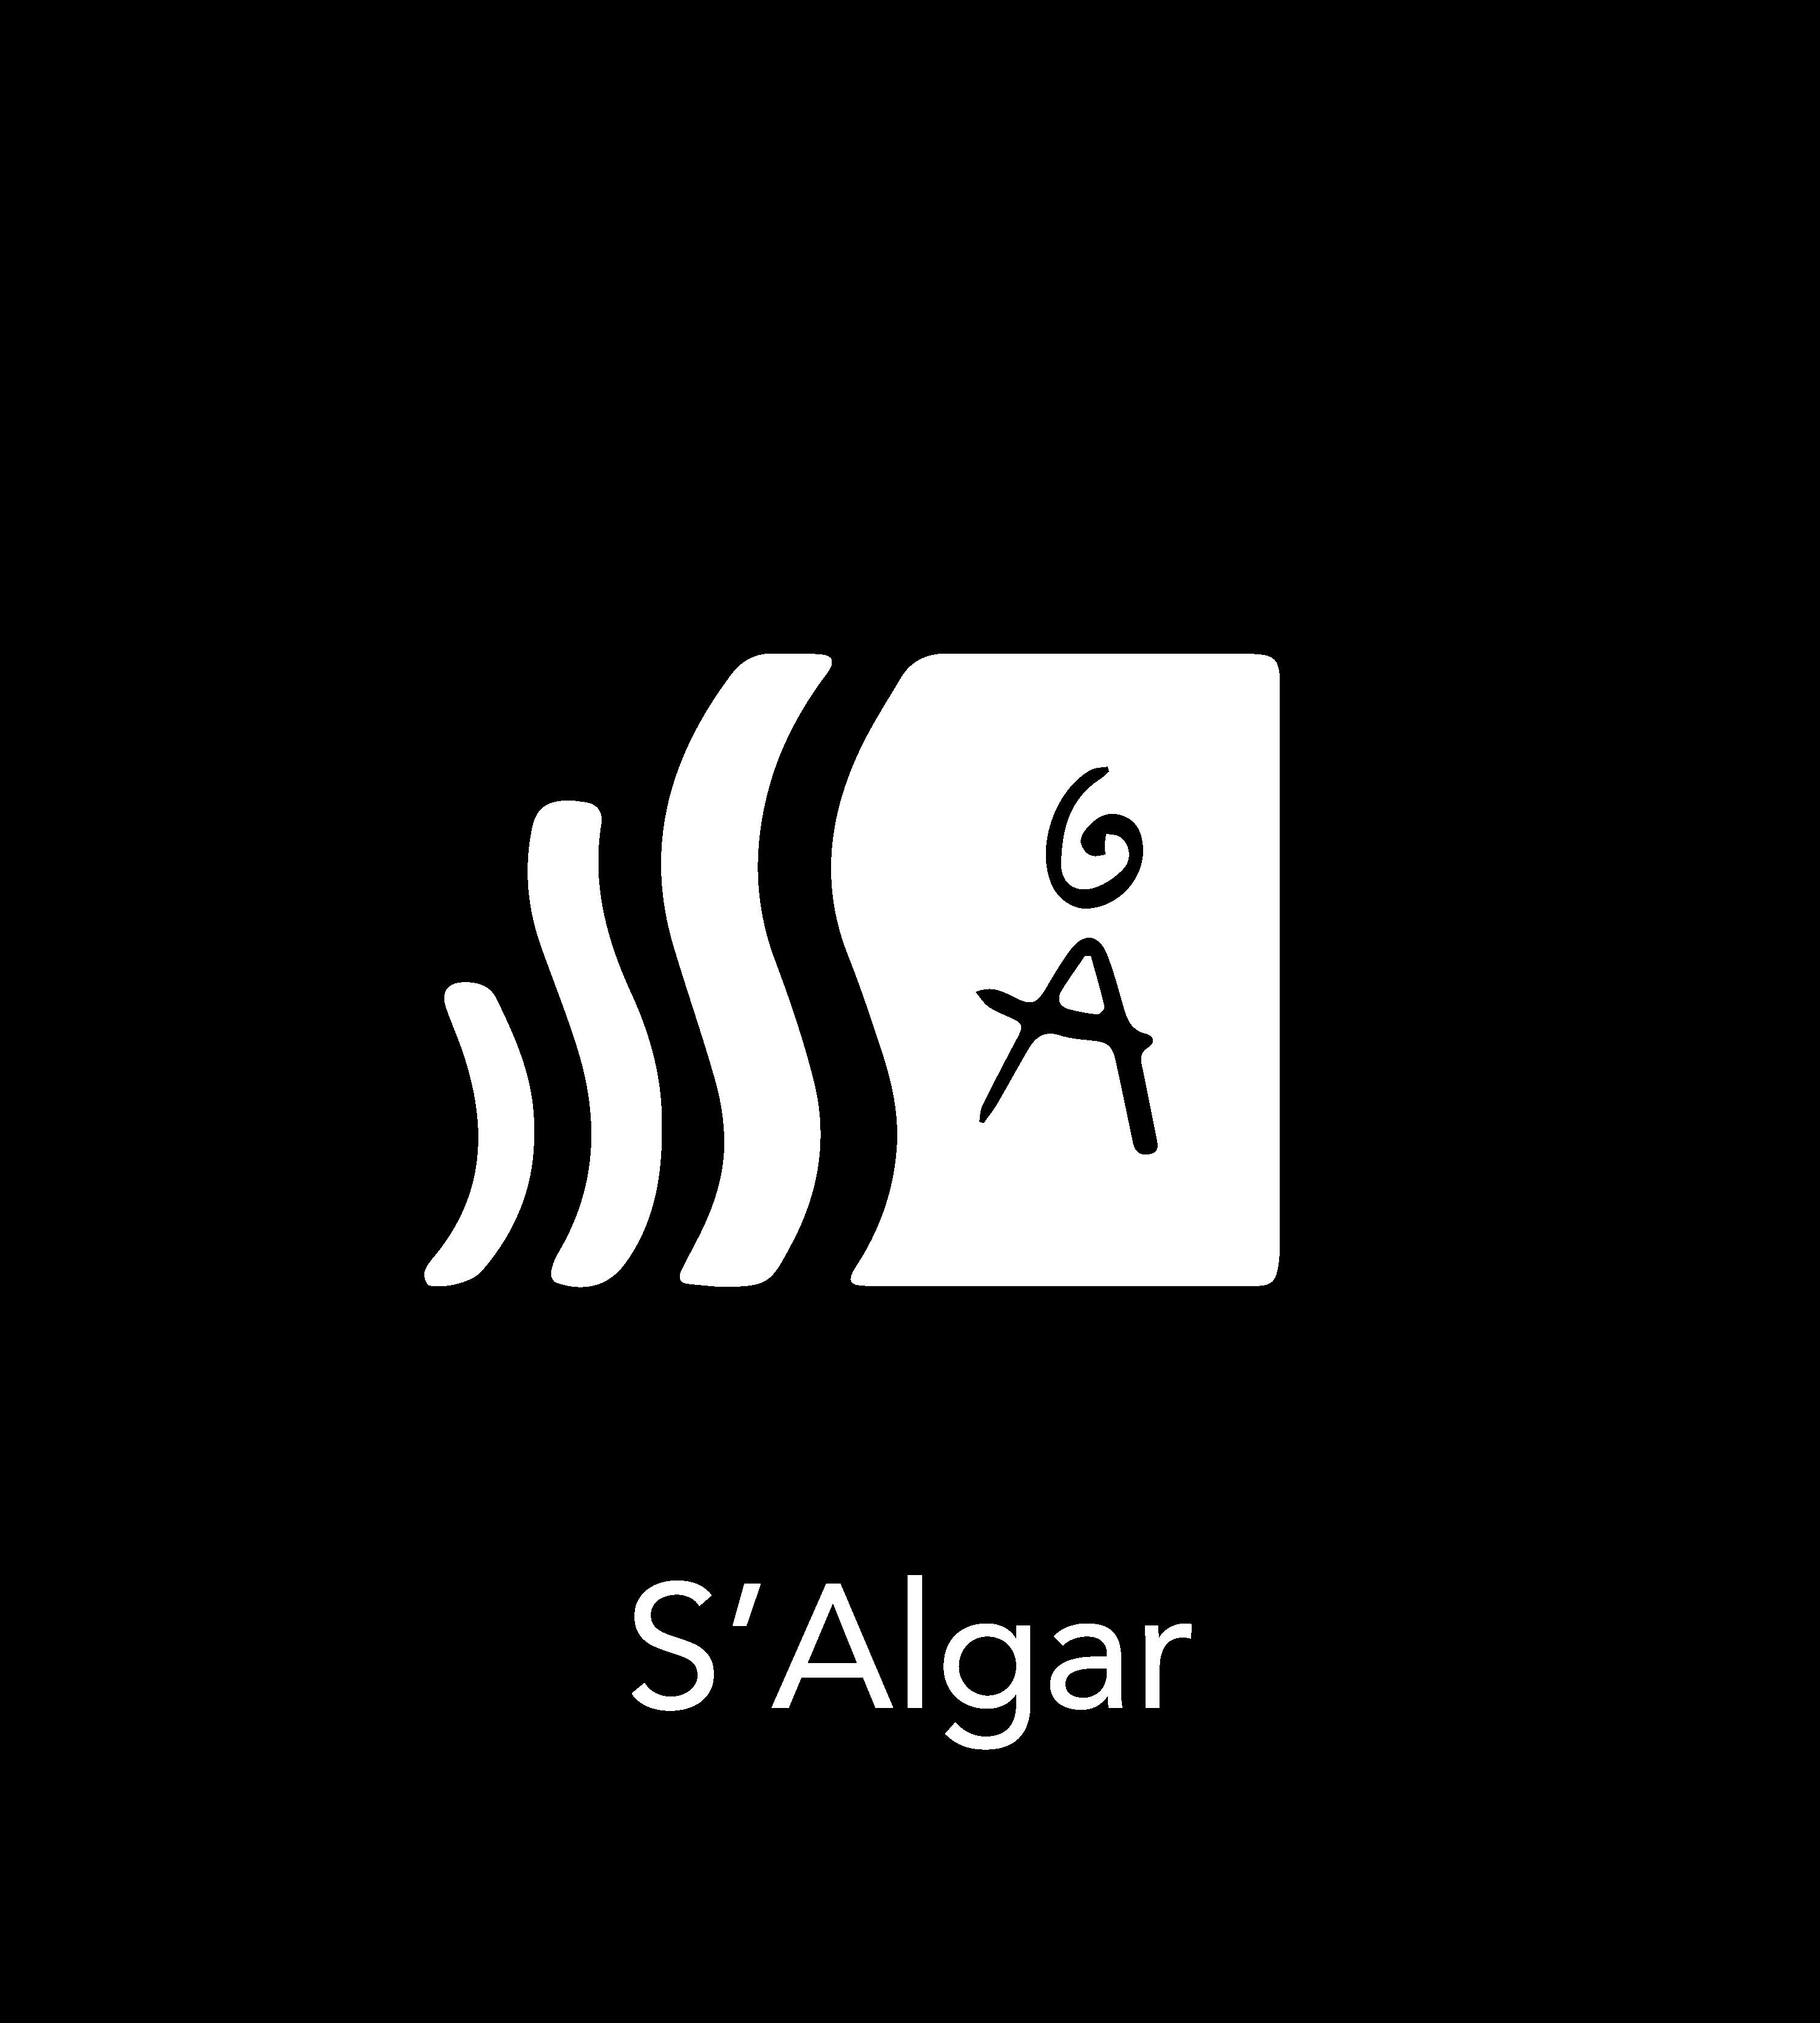 Logo S'Algar